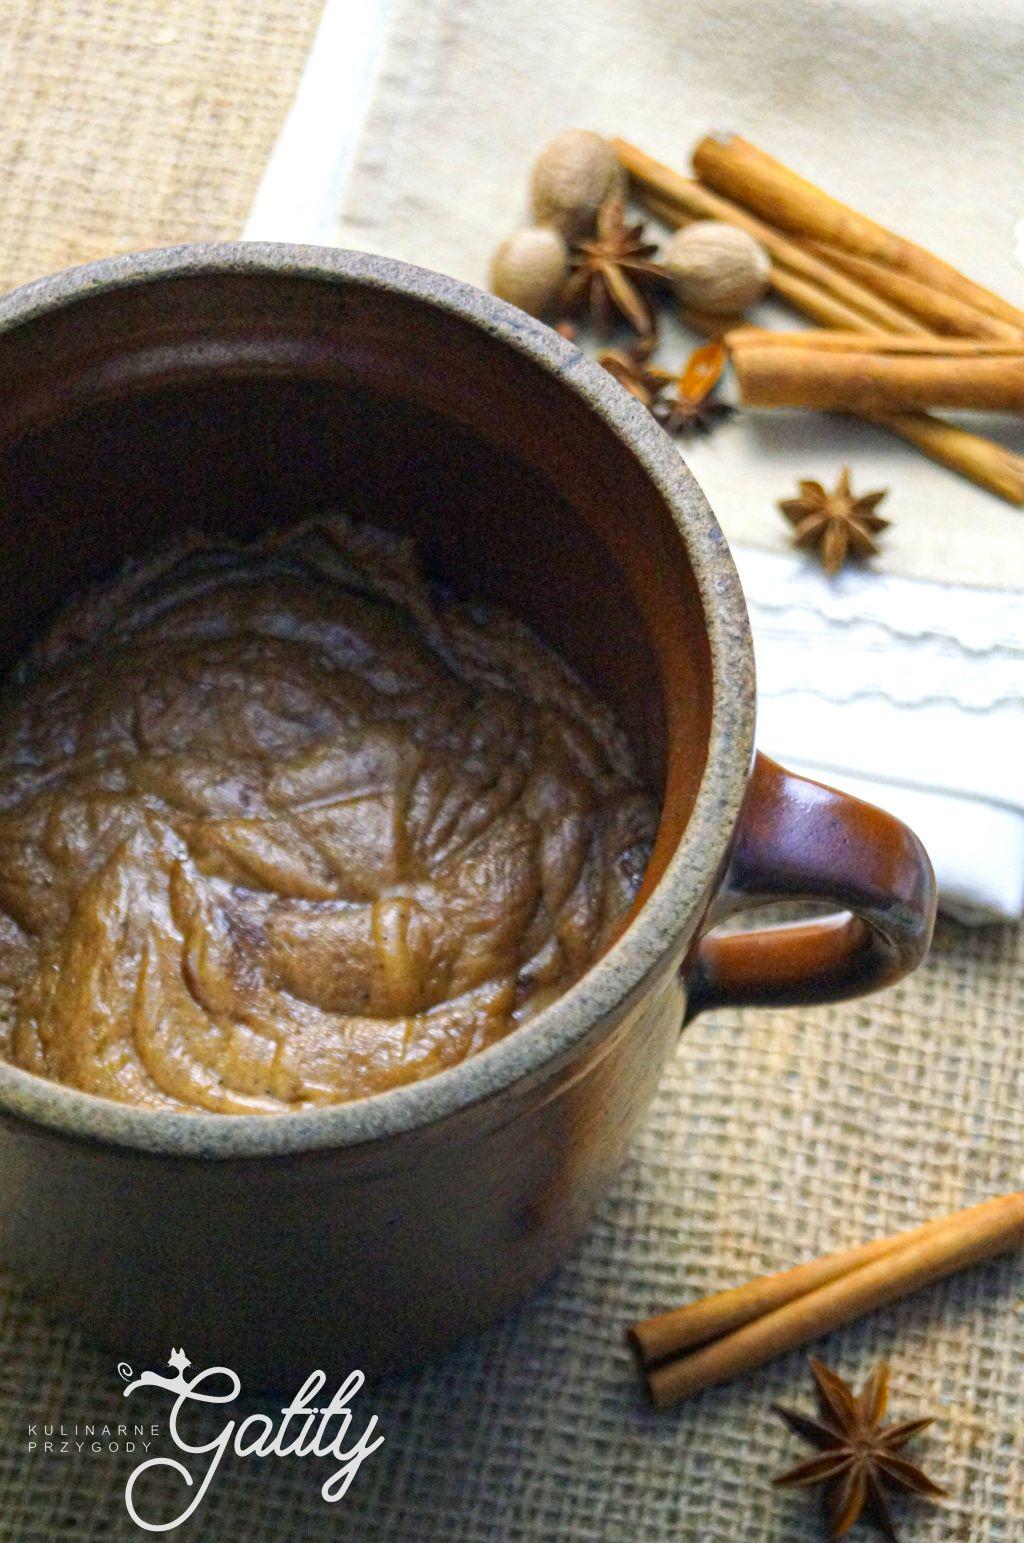 brazowe-ciasto-w-glinianym-garnku